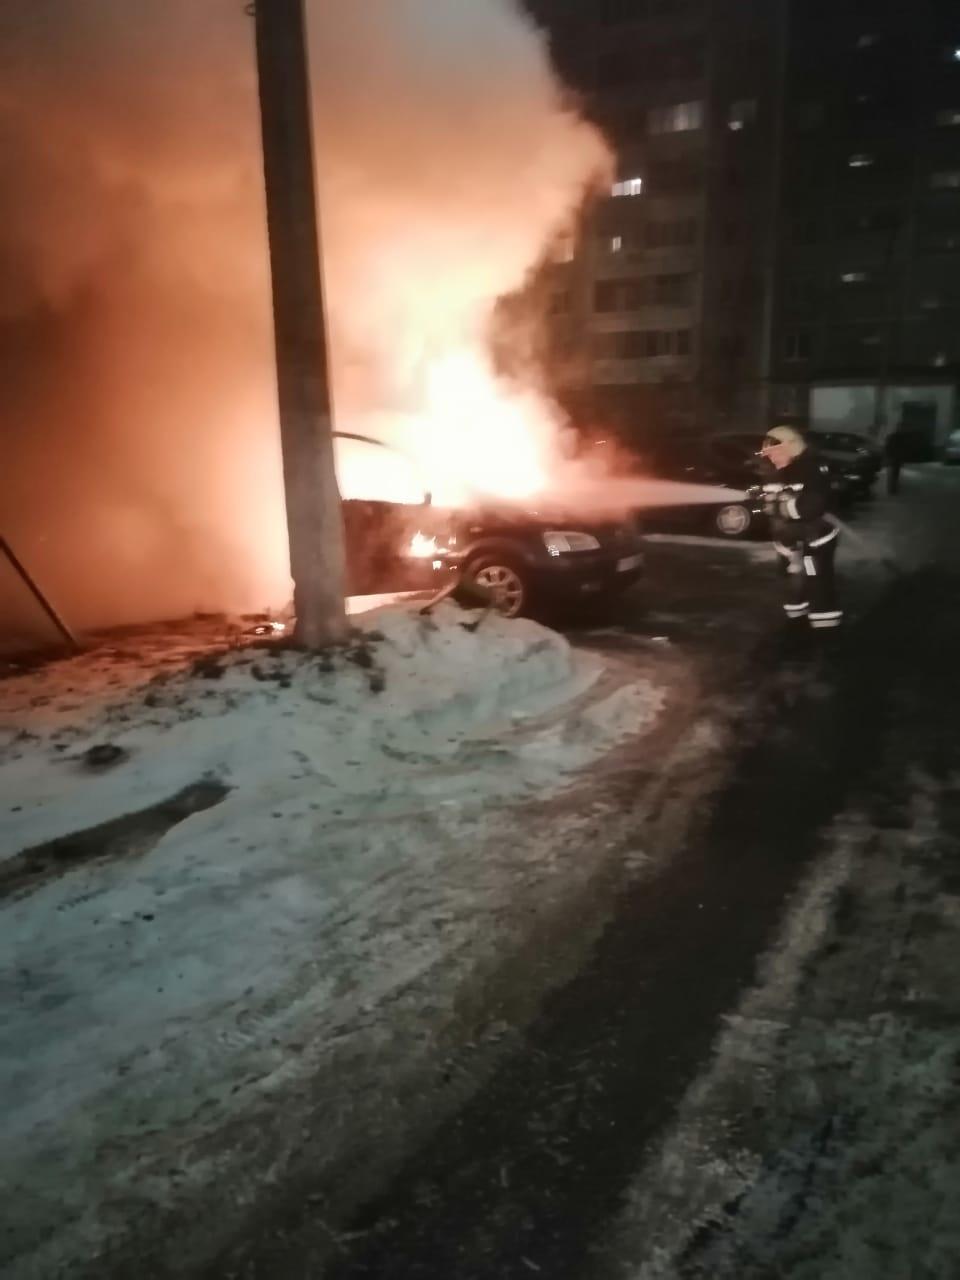 Пожар на ул. Ленина в г. Железногорске Курской области ликвидирован